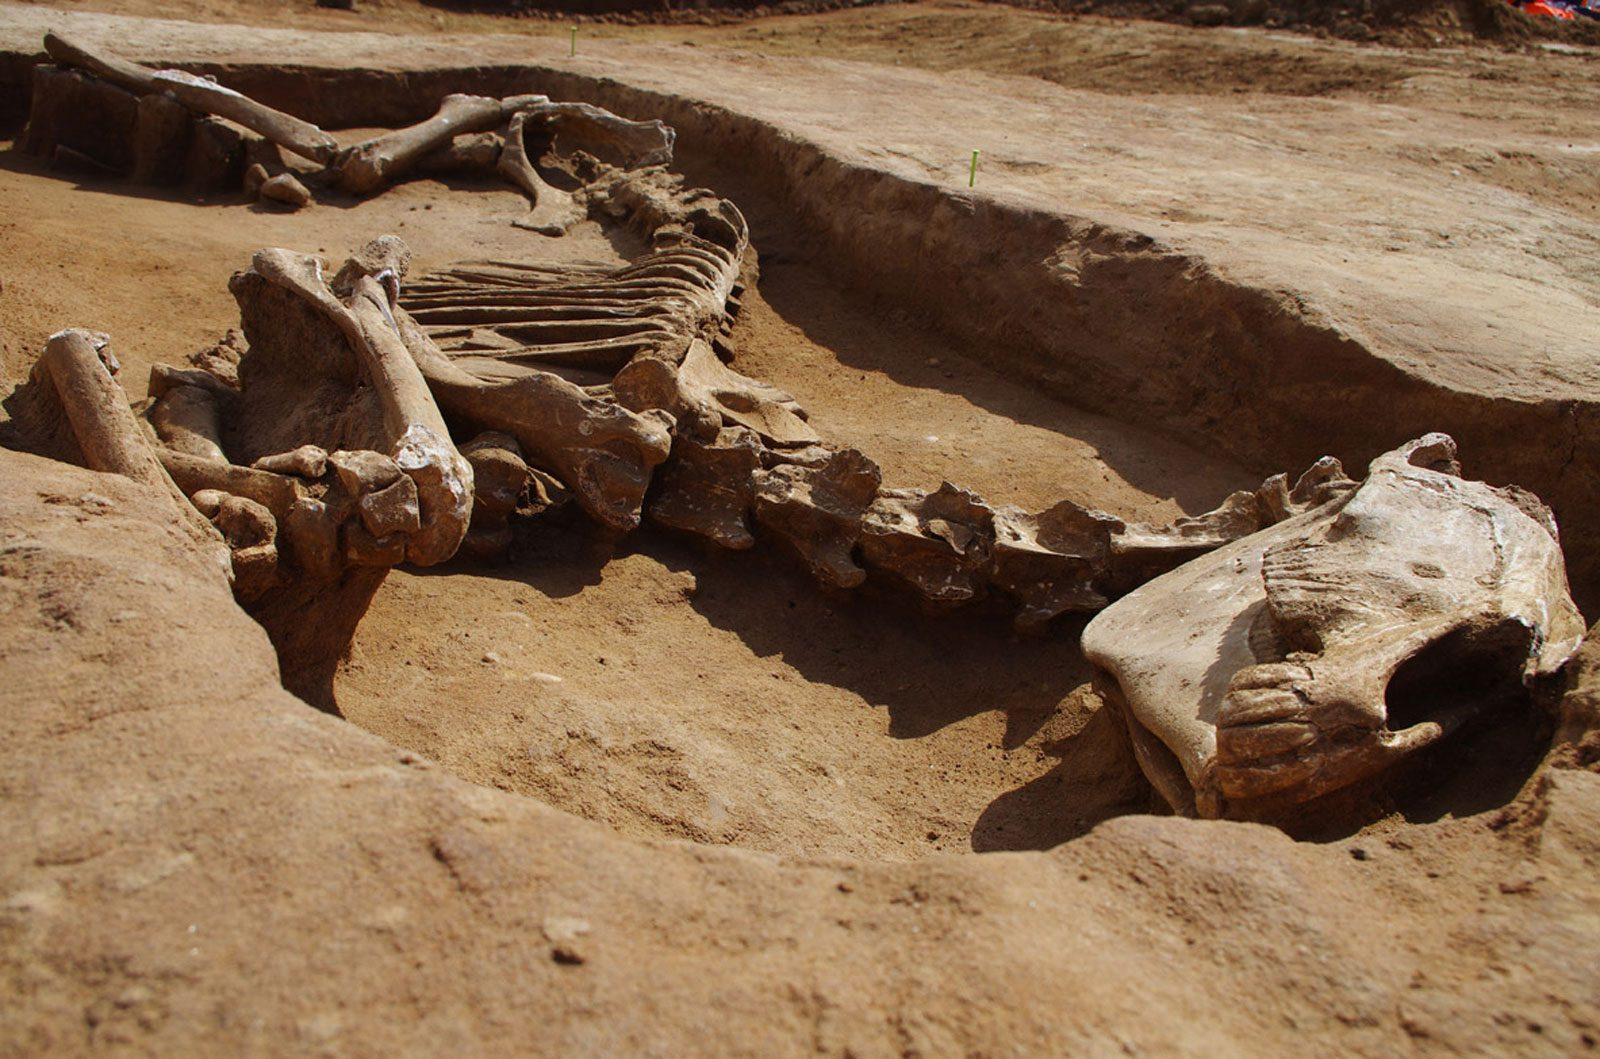 Fouilles archéologiques à Woippy : cadavres et squelette de cheval découverts (photos)